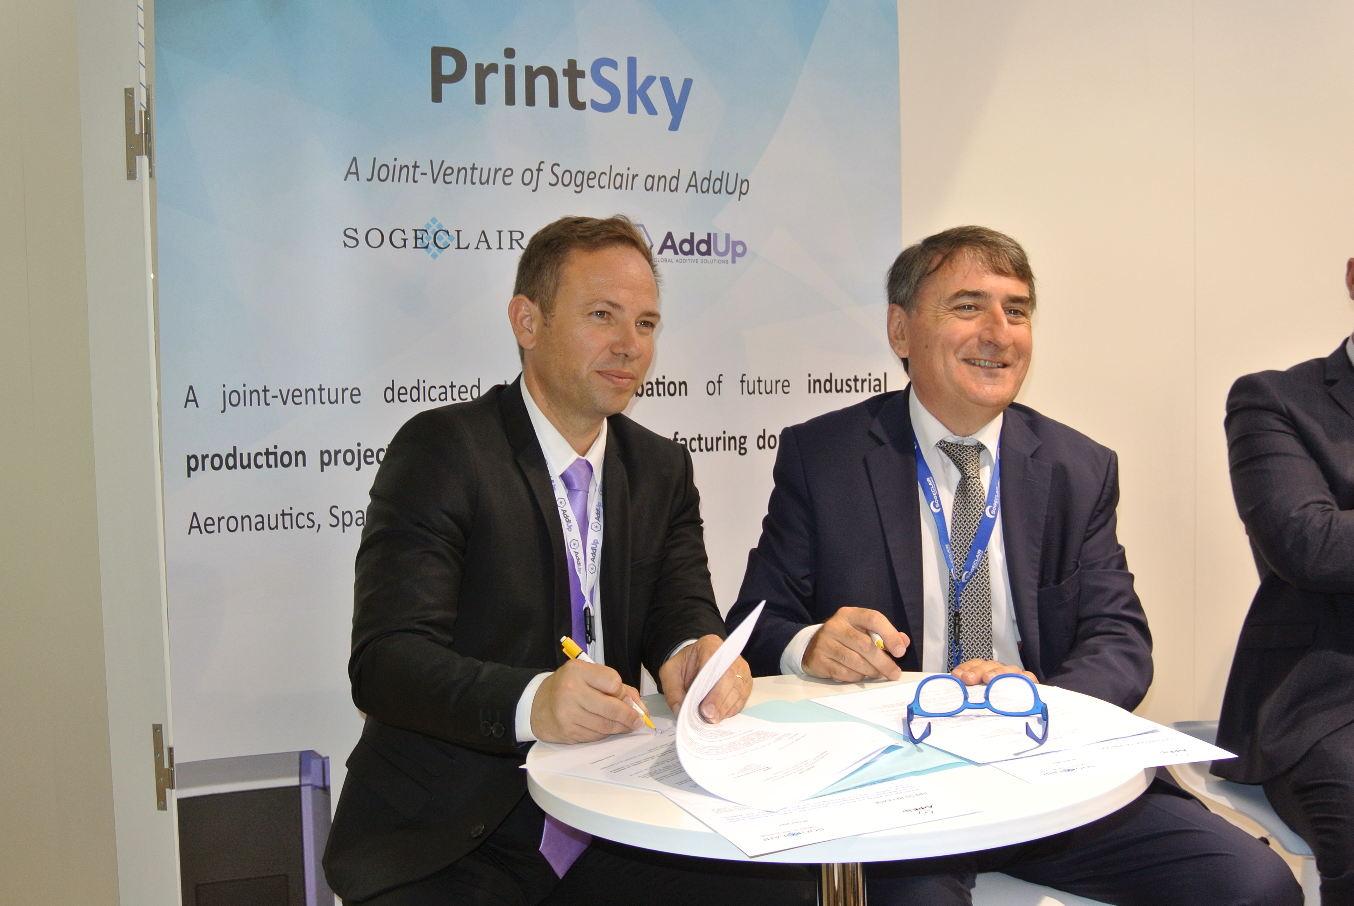 Bourget 2017 : Sogeclair et AddUp créent PrintSky sur la fabrication additive